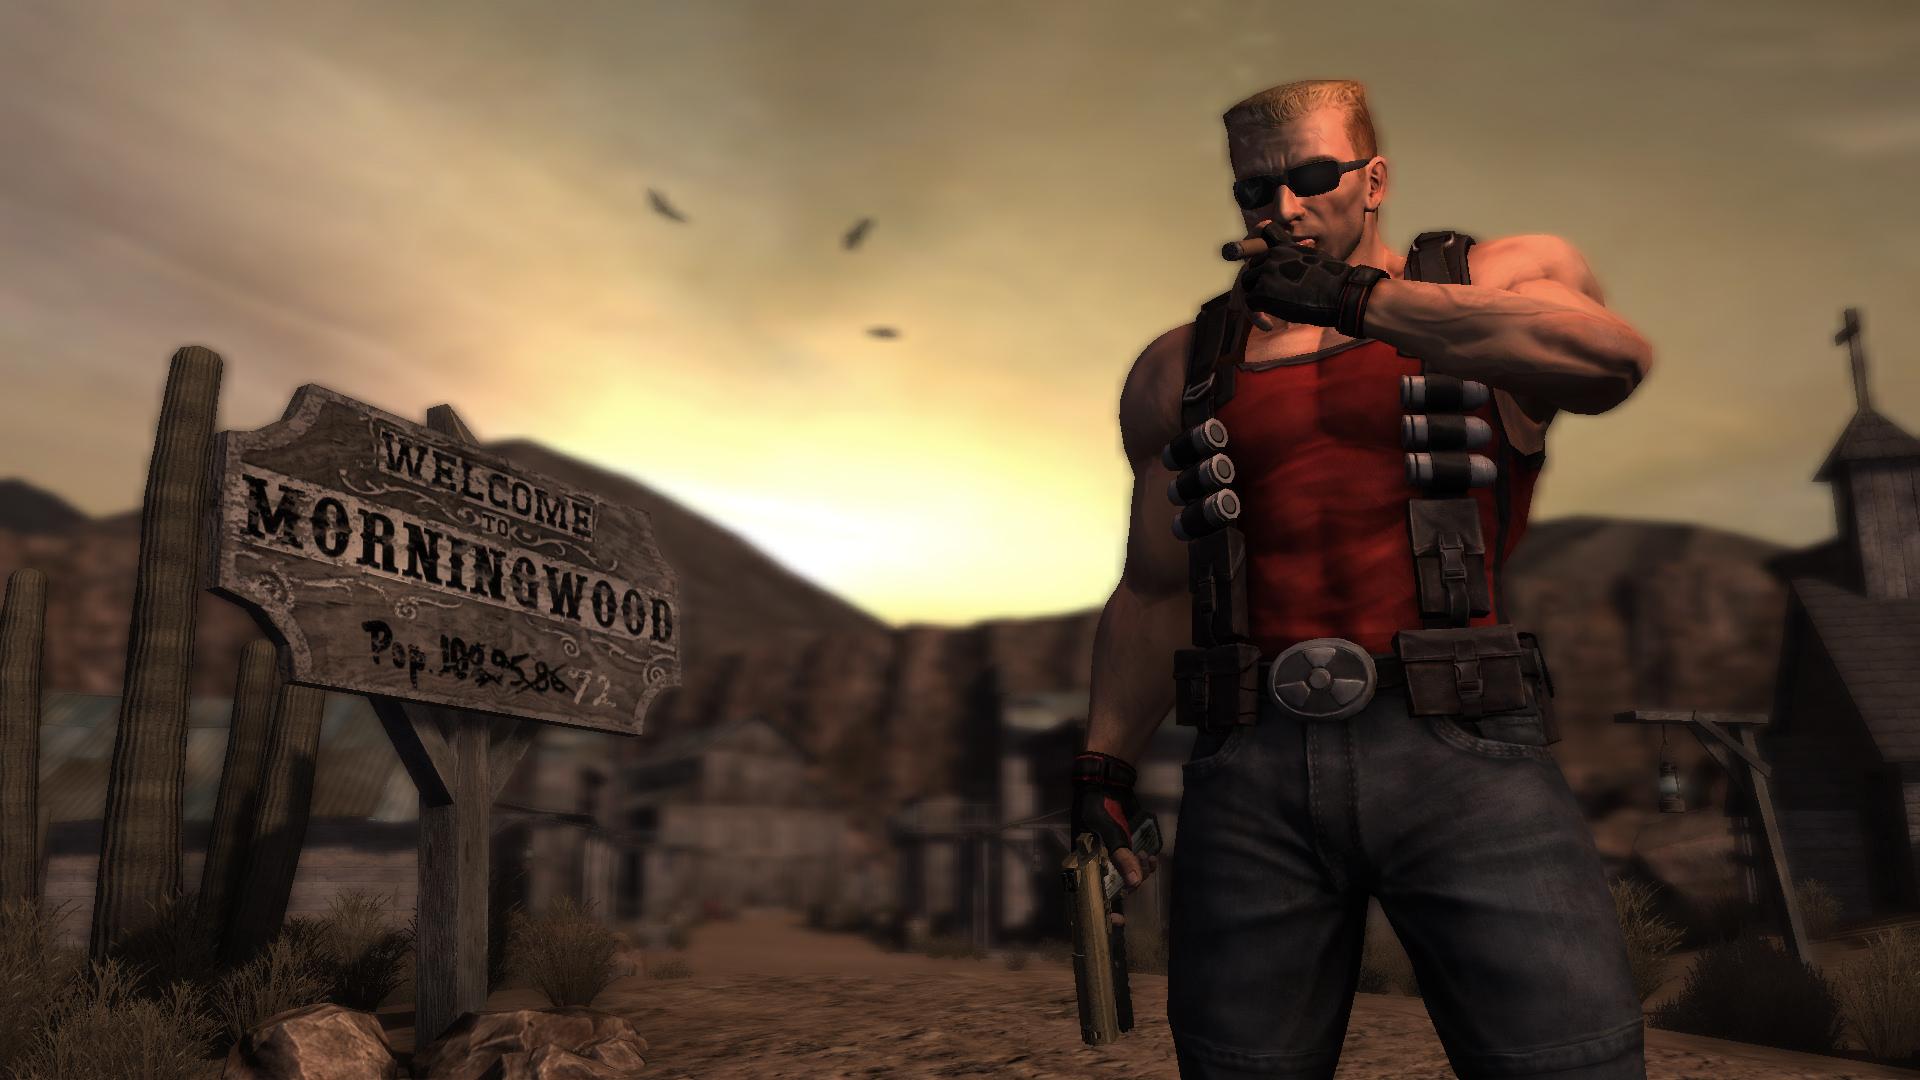 Duke Nukem Forever - Duke smoking cigar in front of 'Welcome to Morningwood' sign